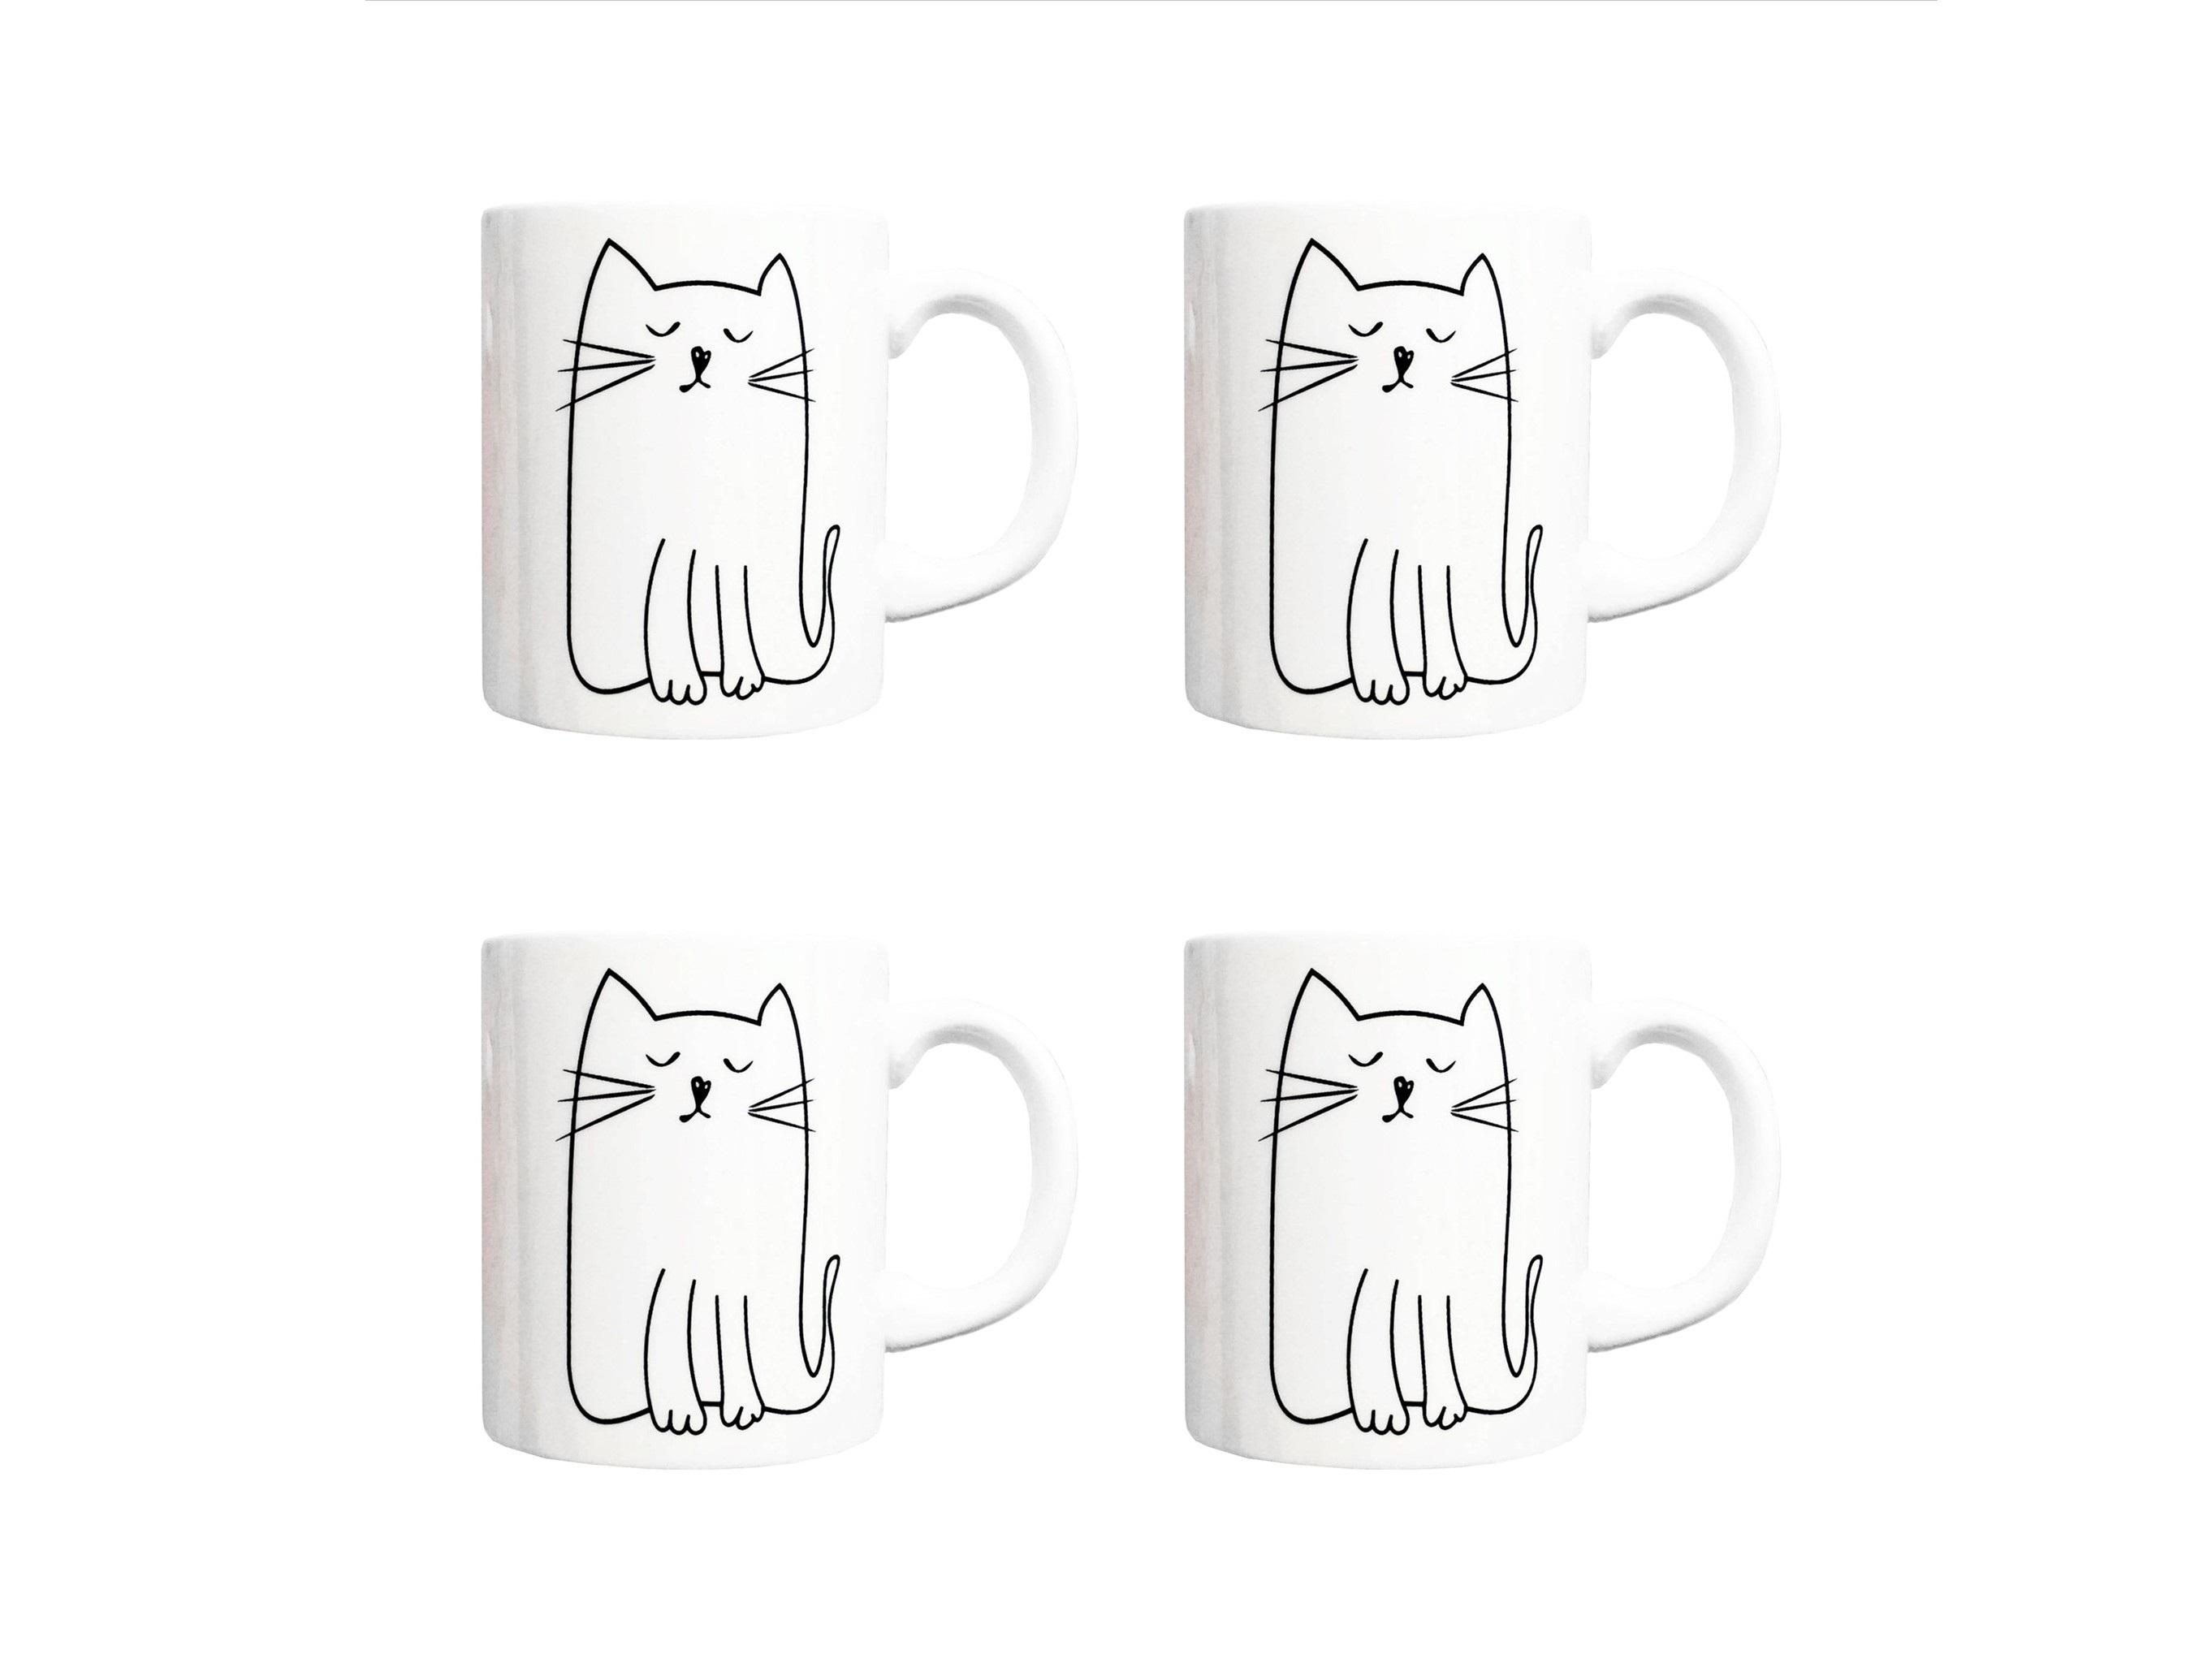 Набор кружек Киска(4 шт)Чайные пары, чашки и кружки<br>Посуду можно использовать в микроволновой печи и посудомоечной машине.&amp;amp;nbsp;&amp;lt;div&amp;gt;&amp;lt;br&amp;gt;&amp;lt;/div&amp;gt;&amp;lt;div&amp;gt;В комплект входят: Кружка 300 мл - 4 шт.&amp;lt;/div&amp;gt;<br><br>Material: Фарфор<br>Высота см: 9